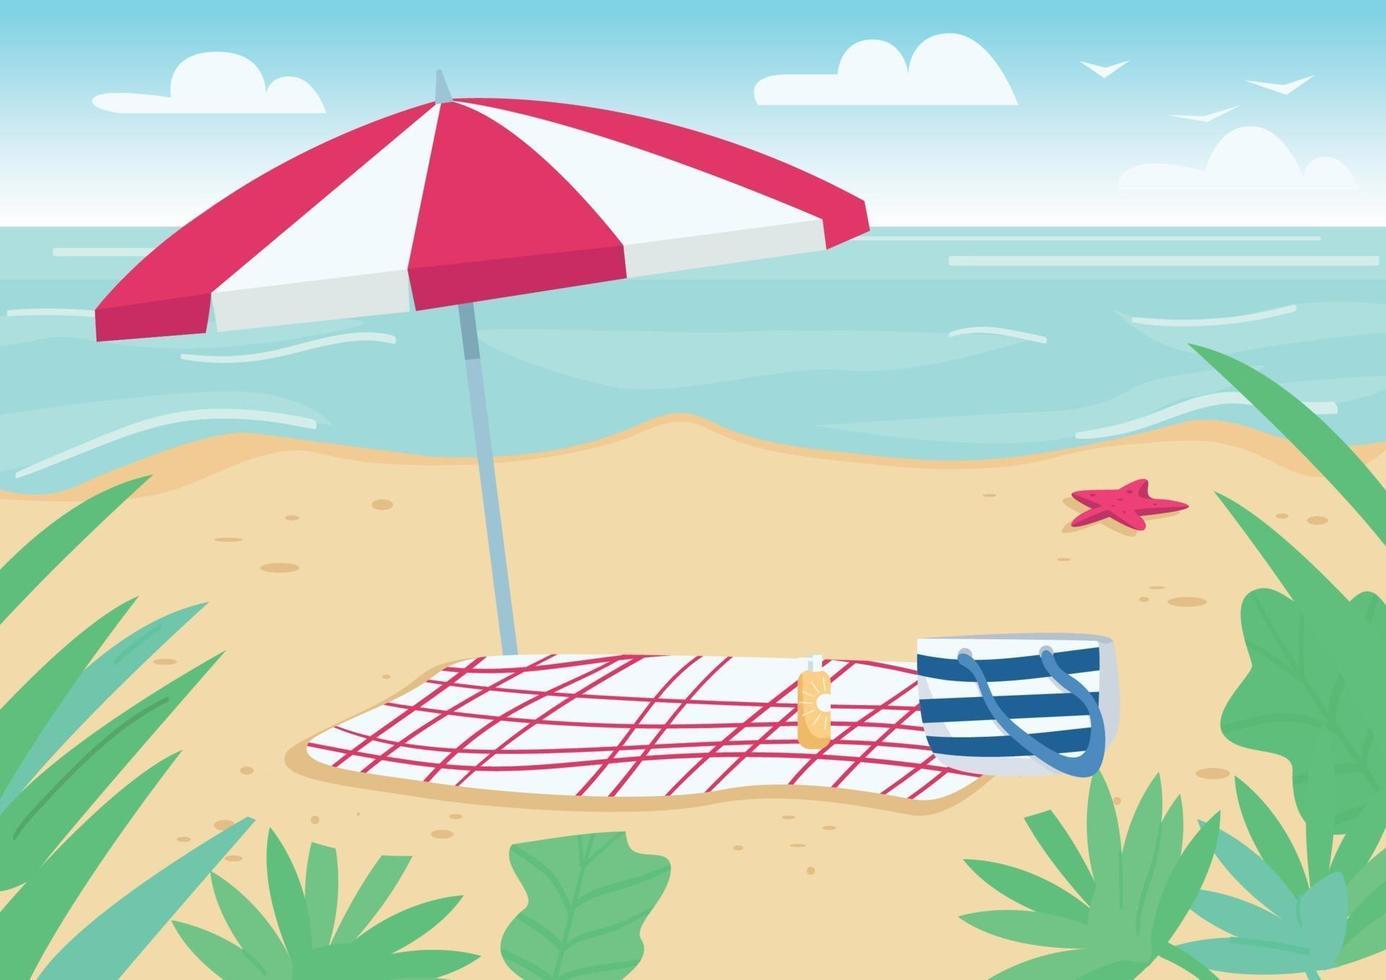 deken en parasol op zandstrand egale kleur vectorillustratie. handdoek, tas en zonnebrandflessen om te zonnebaden. zomervakantie. zeekust 2d cartoon landschap met water op de achtergrond vector